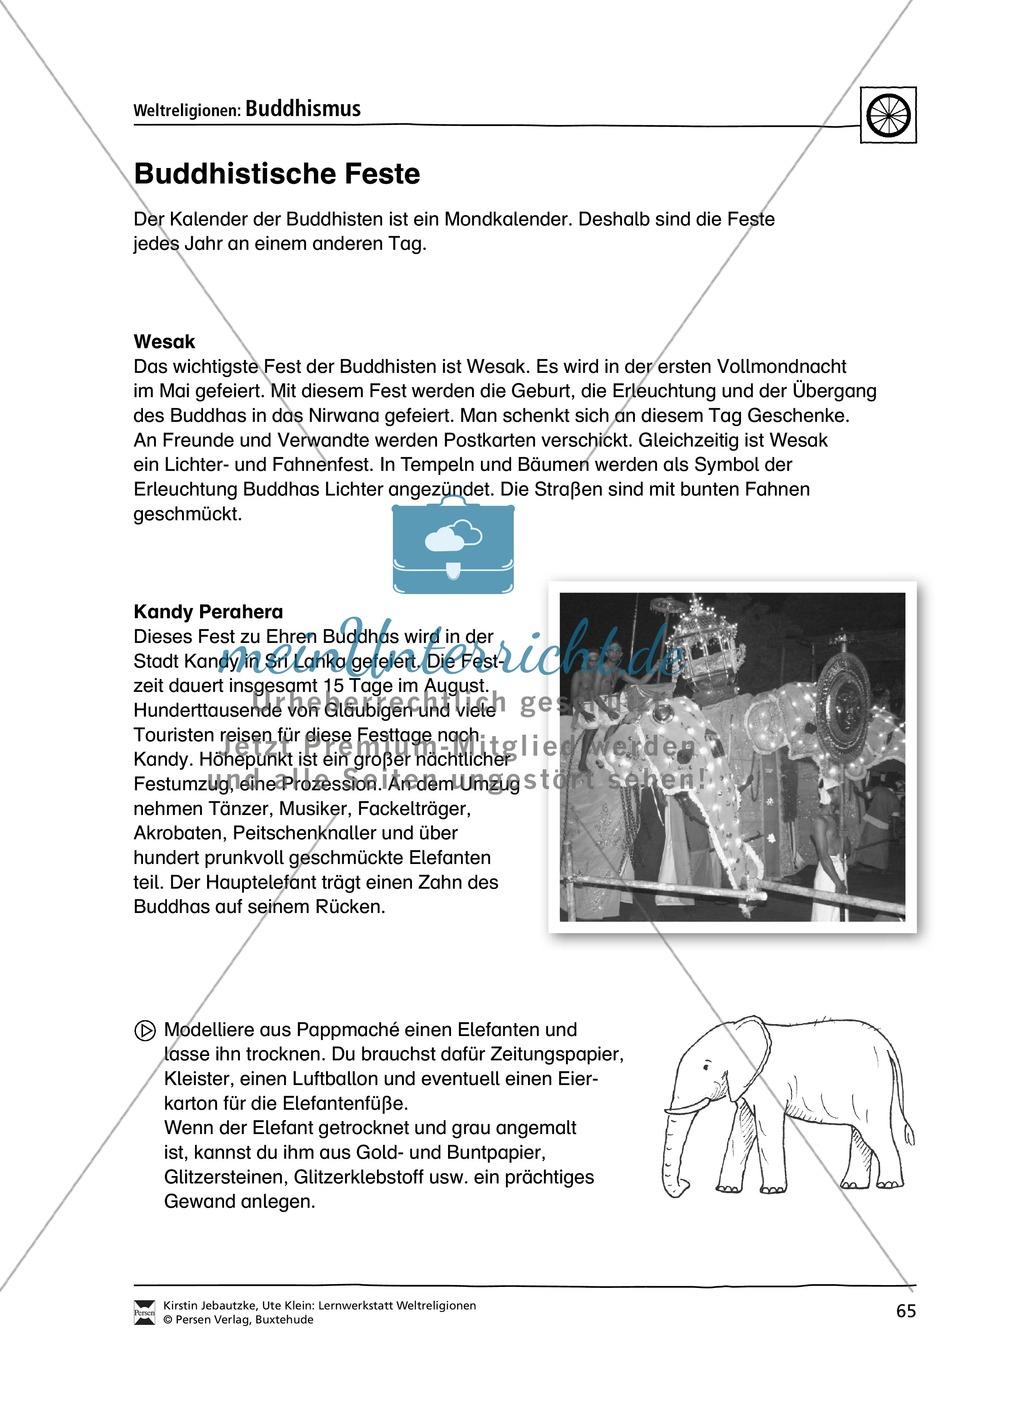 Unterrichtsmaterial zum Buddhismus - mit Infomaterial zu Buddha, Regeln, Stupas und Tempel, Feiertagen uvm. Preview 7